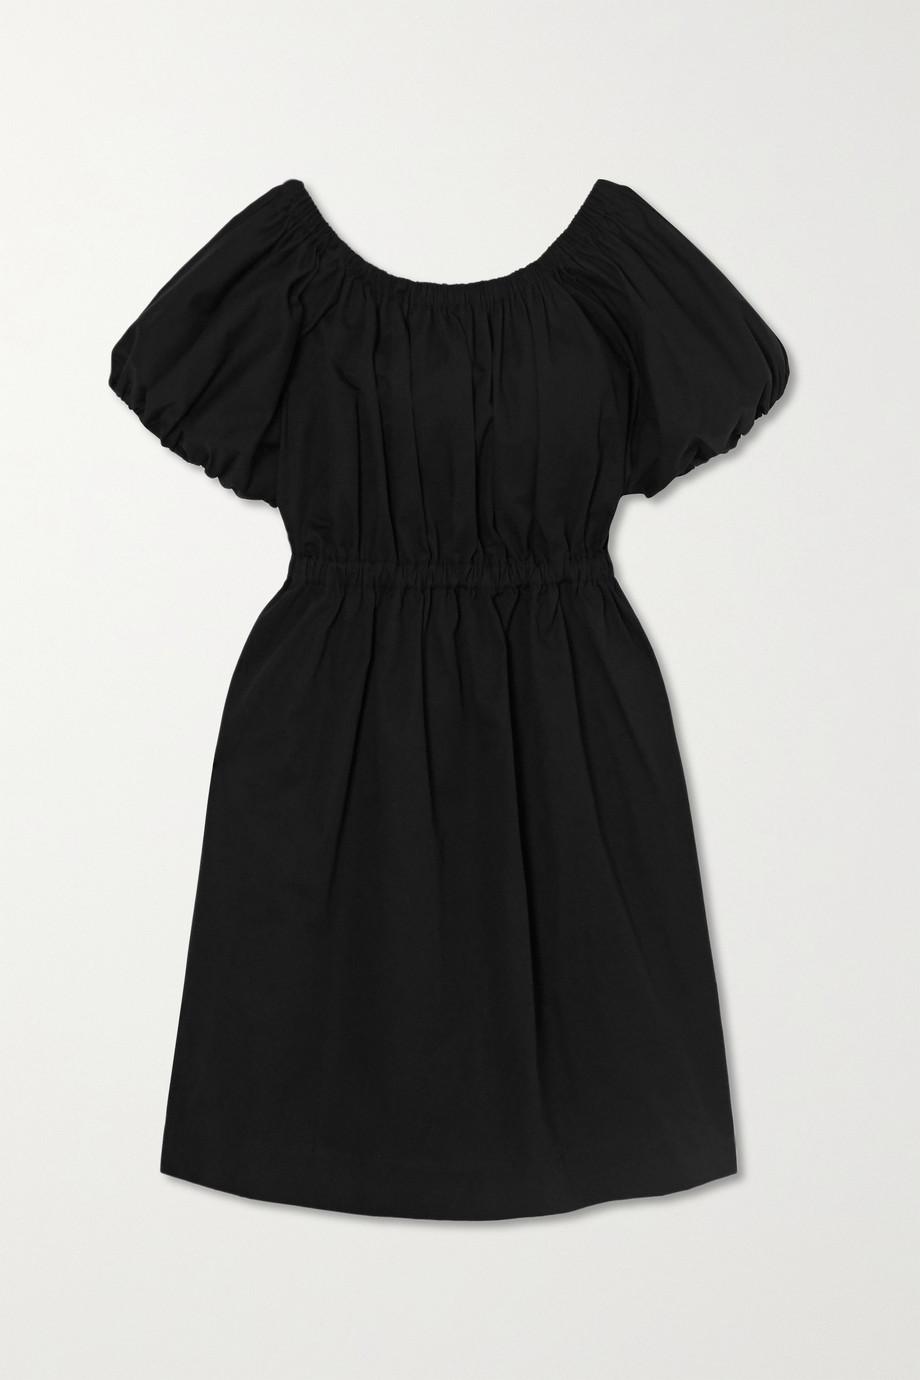 몰리 고다드 Molly Goddard Honey cotton mini dress,Black